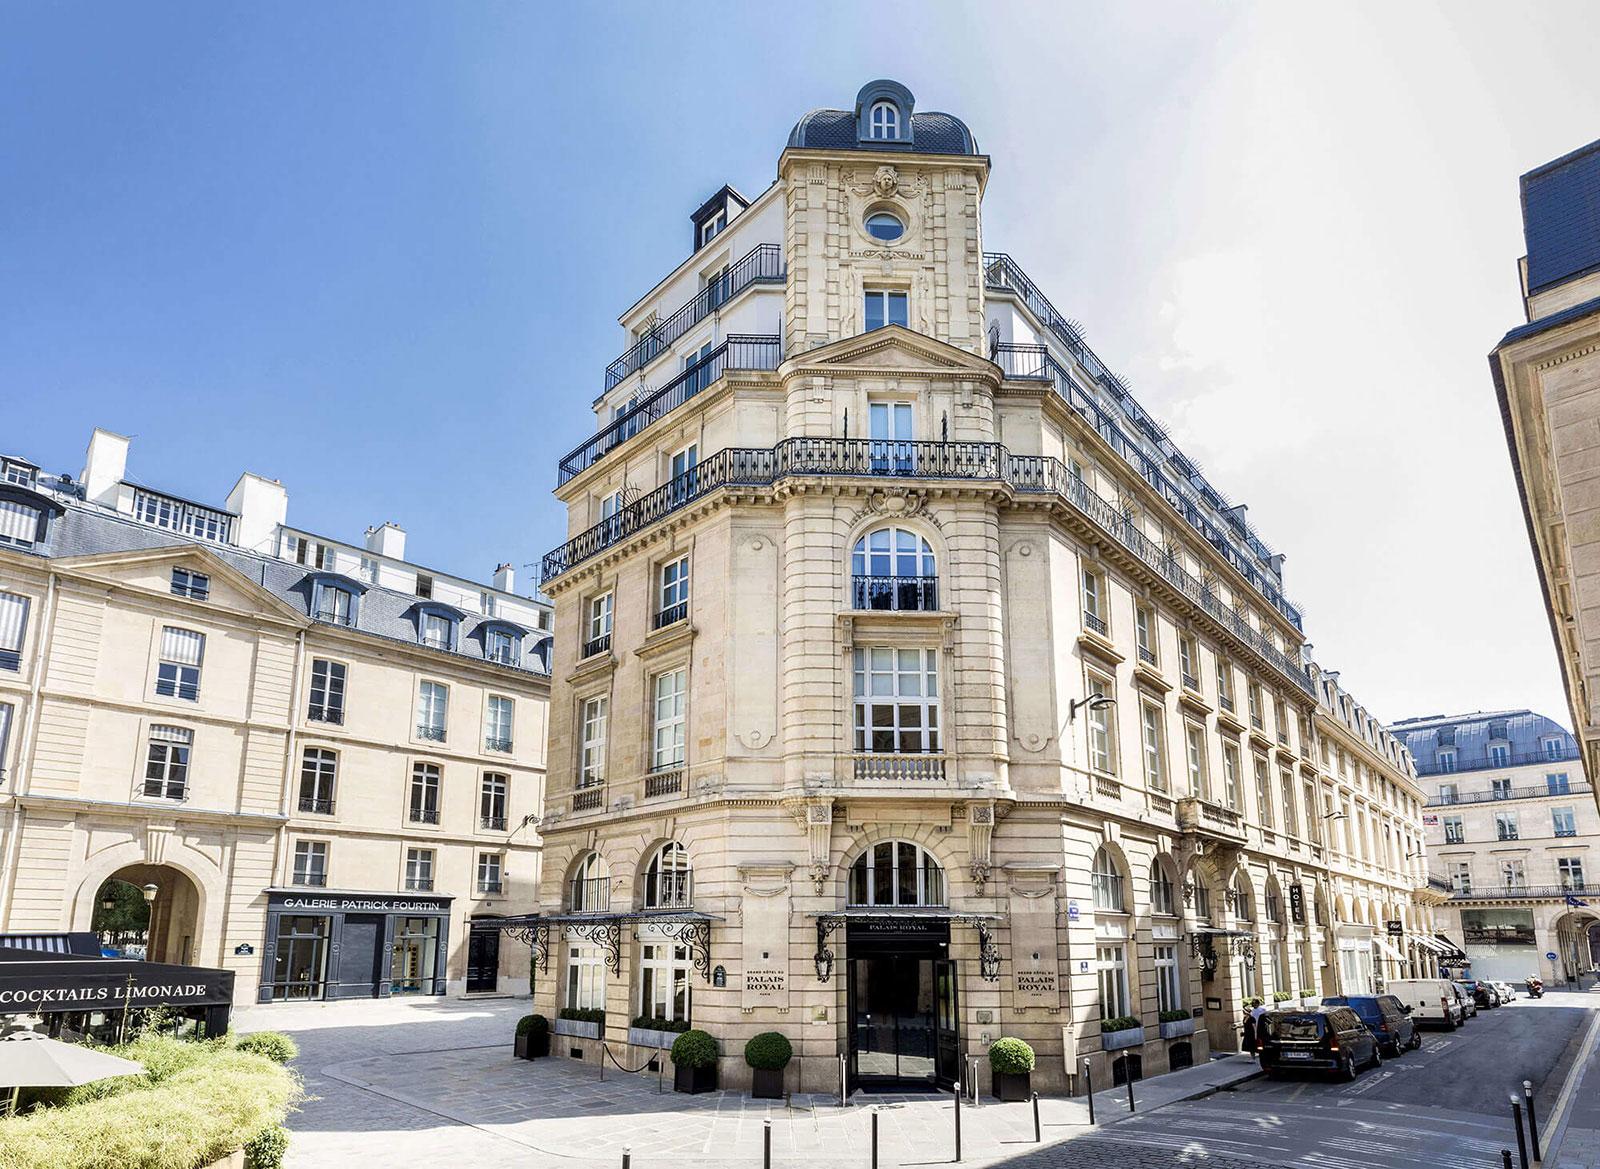 Paris - Grand Hotel du Palais Royal Paris - outside